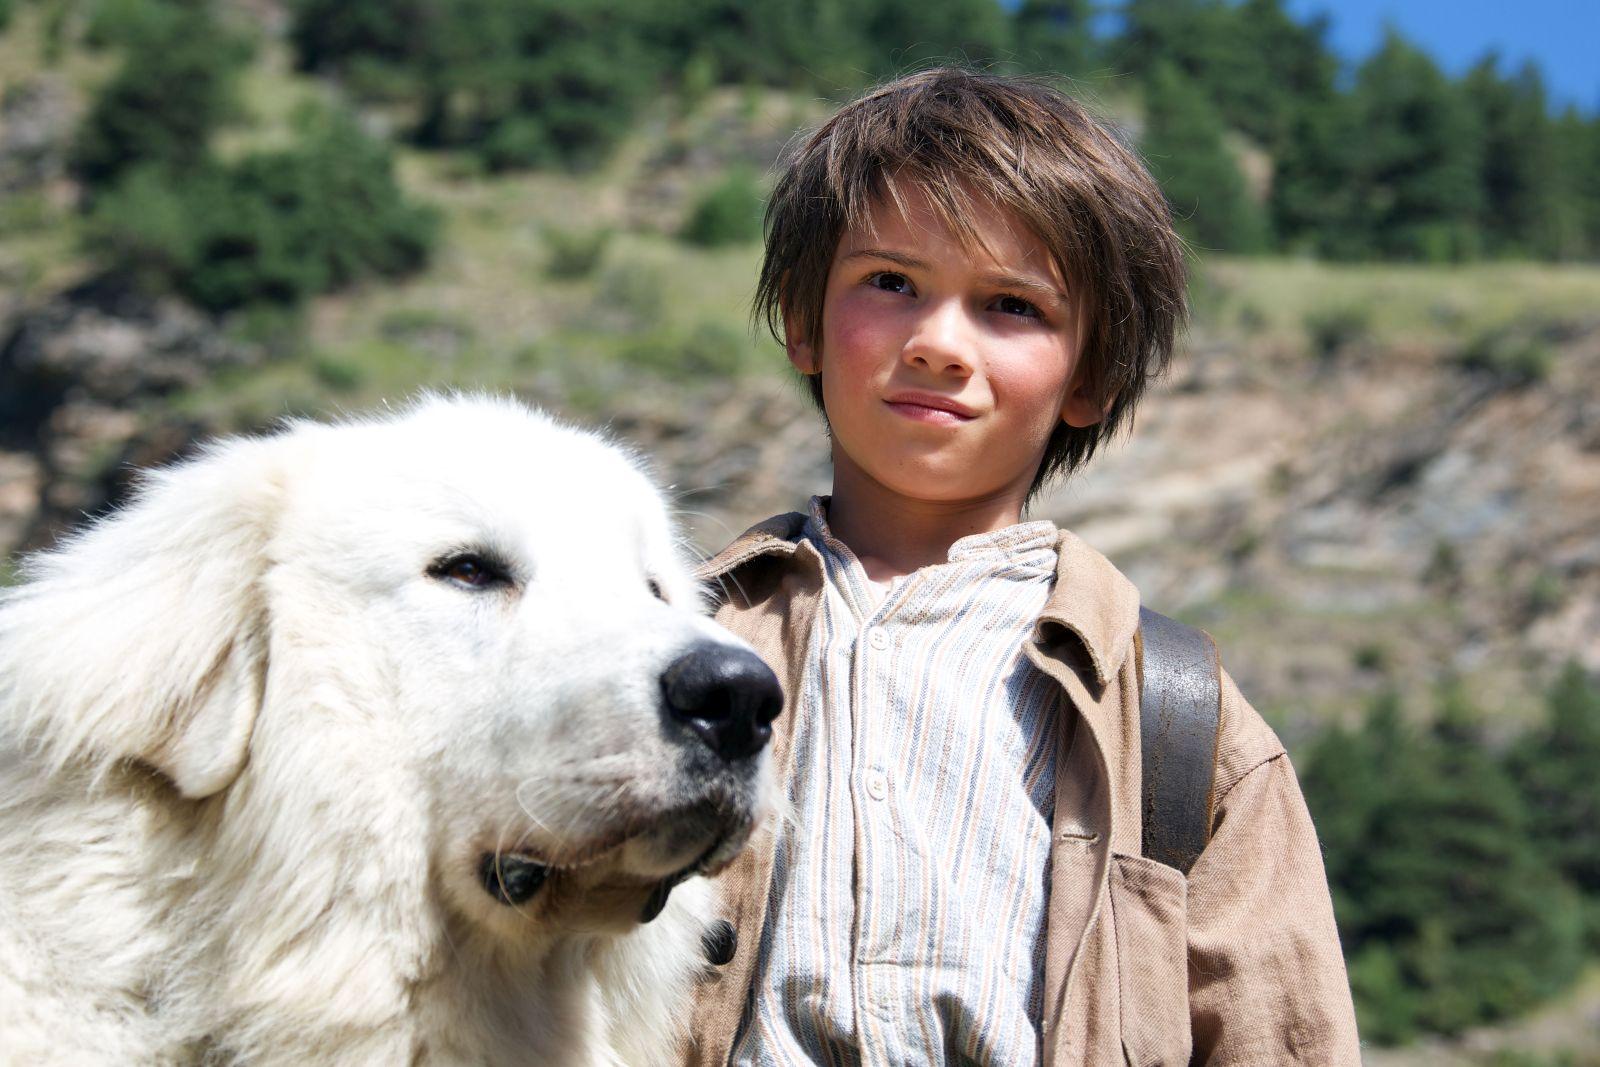 Belle & Sebastien - L'avventura continua: Félix Bossuet in compagnia del suo fido cane